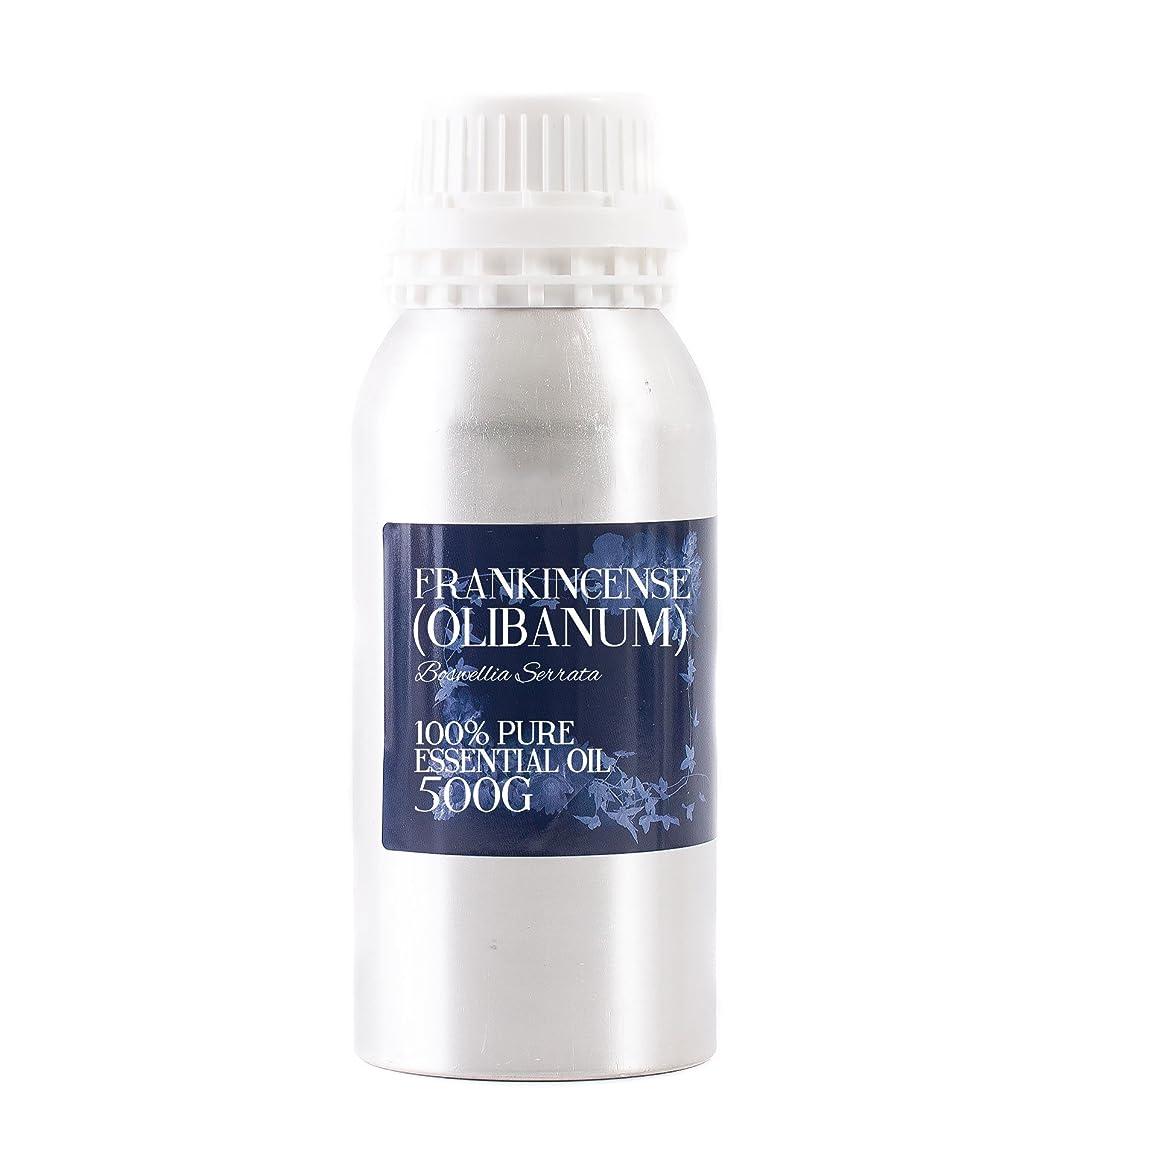 バック良心ランドリーMystic Moments | Frankincense Olibanum Essential Oil - 500g - 100% Pure